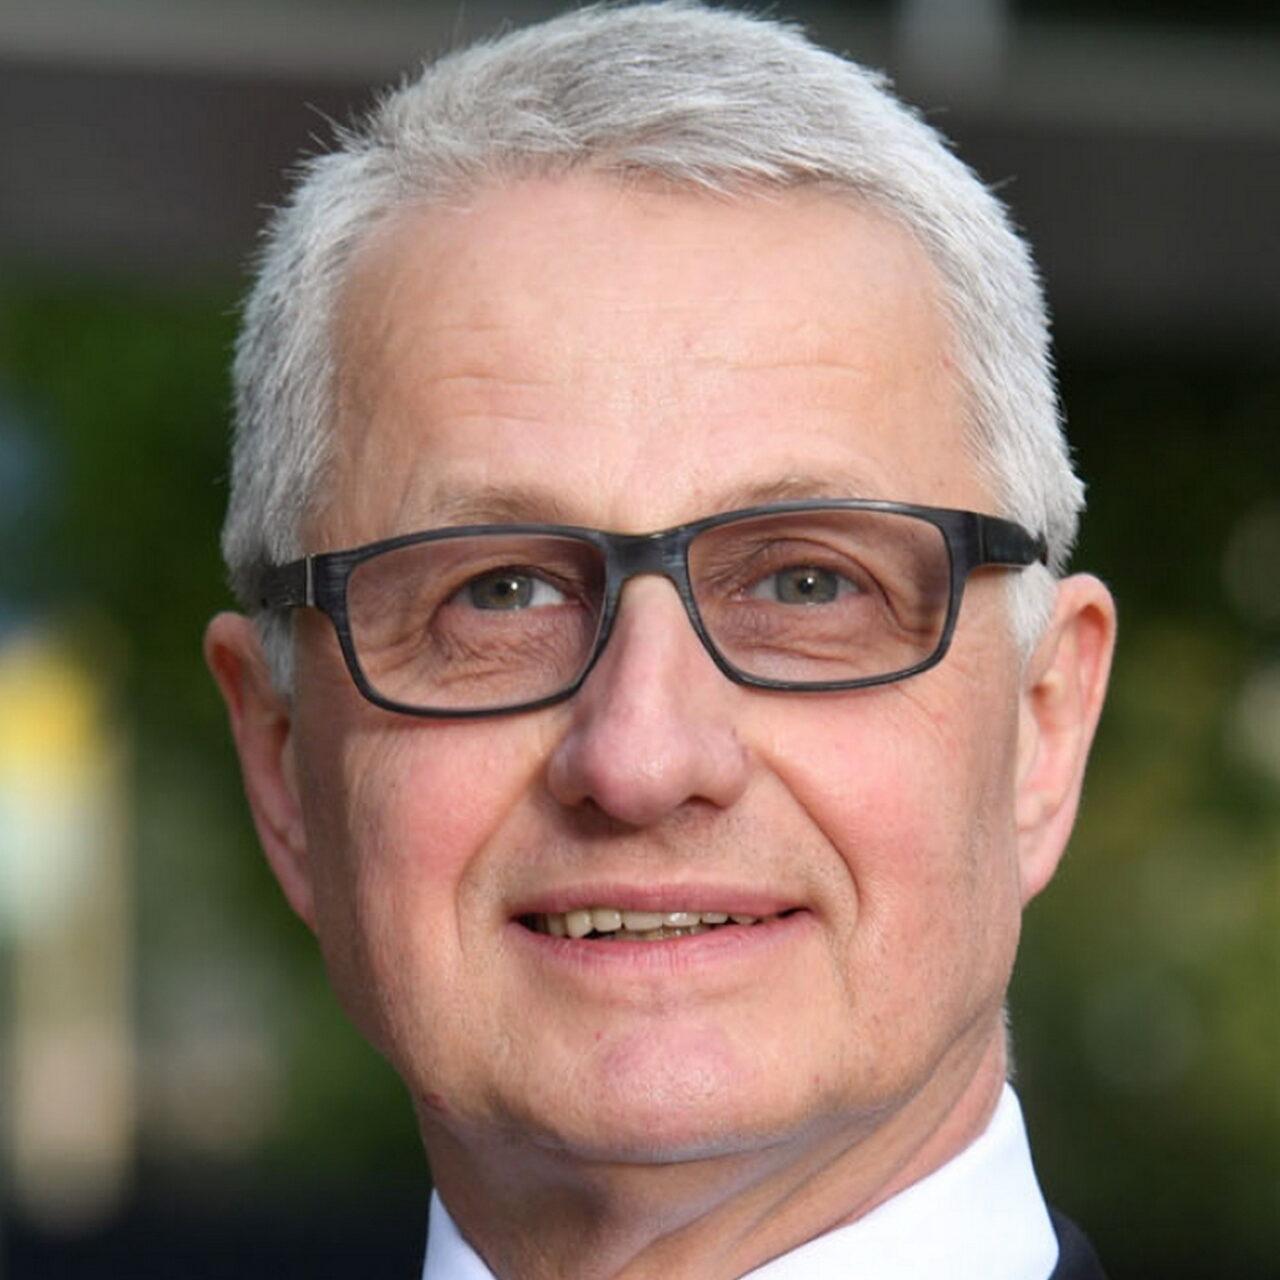 Stiftungs-Verband auf der Suche nach neuem Vorsitzenden